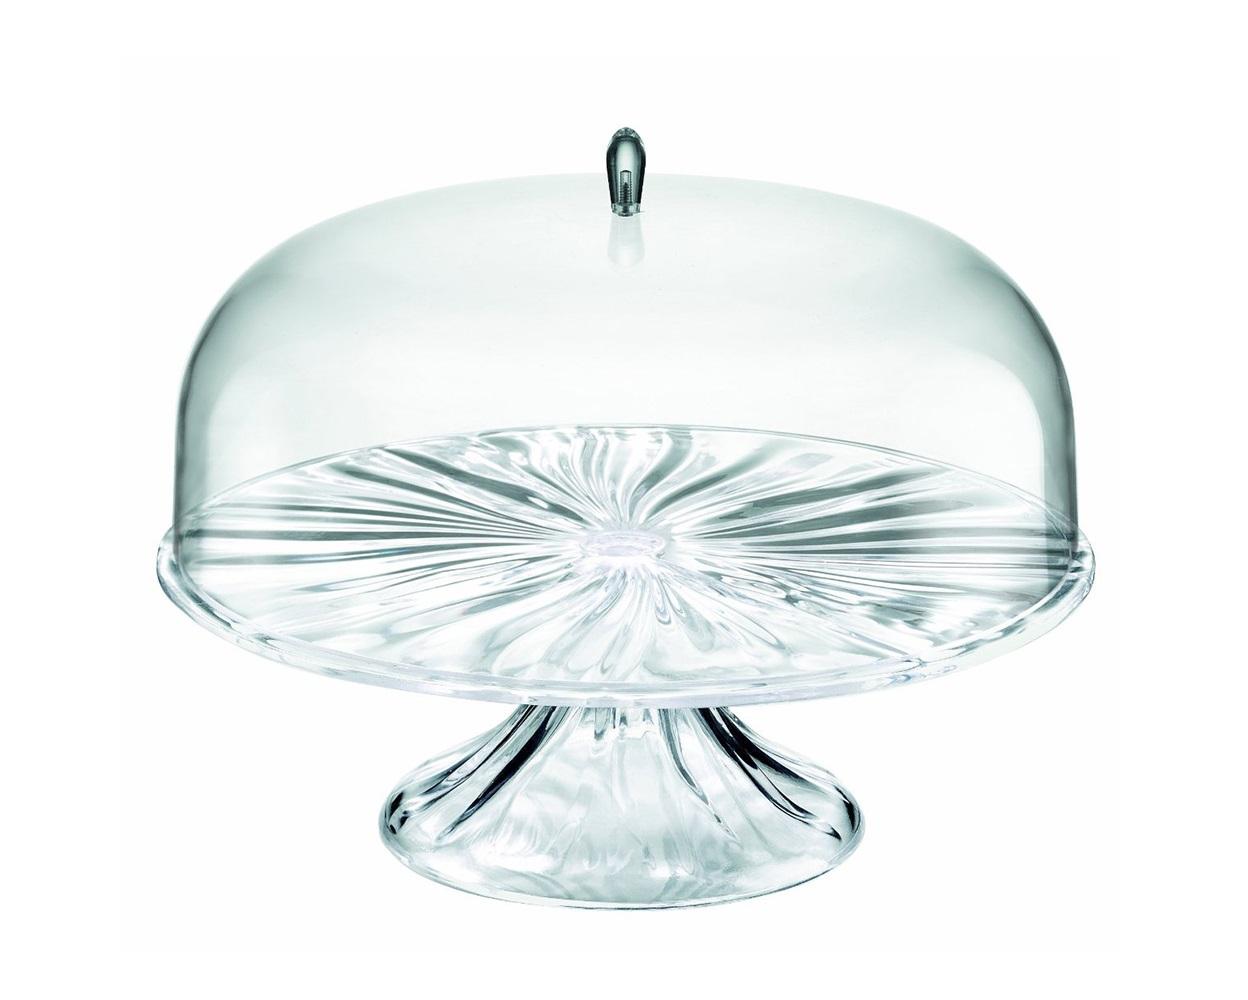 Тортовница с крышкой AquaПодставки и доски<br>Тортовница с прозрачной крышкой Aqua станет блестящим дополнением к любому праздничному столу или чаепитию на свежем воздухе. Её главное украшение - нижняя часть, напоминающая волнистые изгибы поверхности воды. Изысканная форма привлечёт внимание окружающих, а прозрачная крышка позволит насладиться аппетитным видом содержимого. Идеальна для хранения и сервировки выпечки, сладостей, тортов и закусок. <br><br>Изготовлена из безопасного пищевого пластика, устойчивого к износу и повреждениям. Можно мыть в посудомоечной машине.<br><br>Material: Пластик<br>Height см: 27<br>Diameter см: 25,6